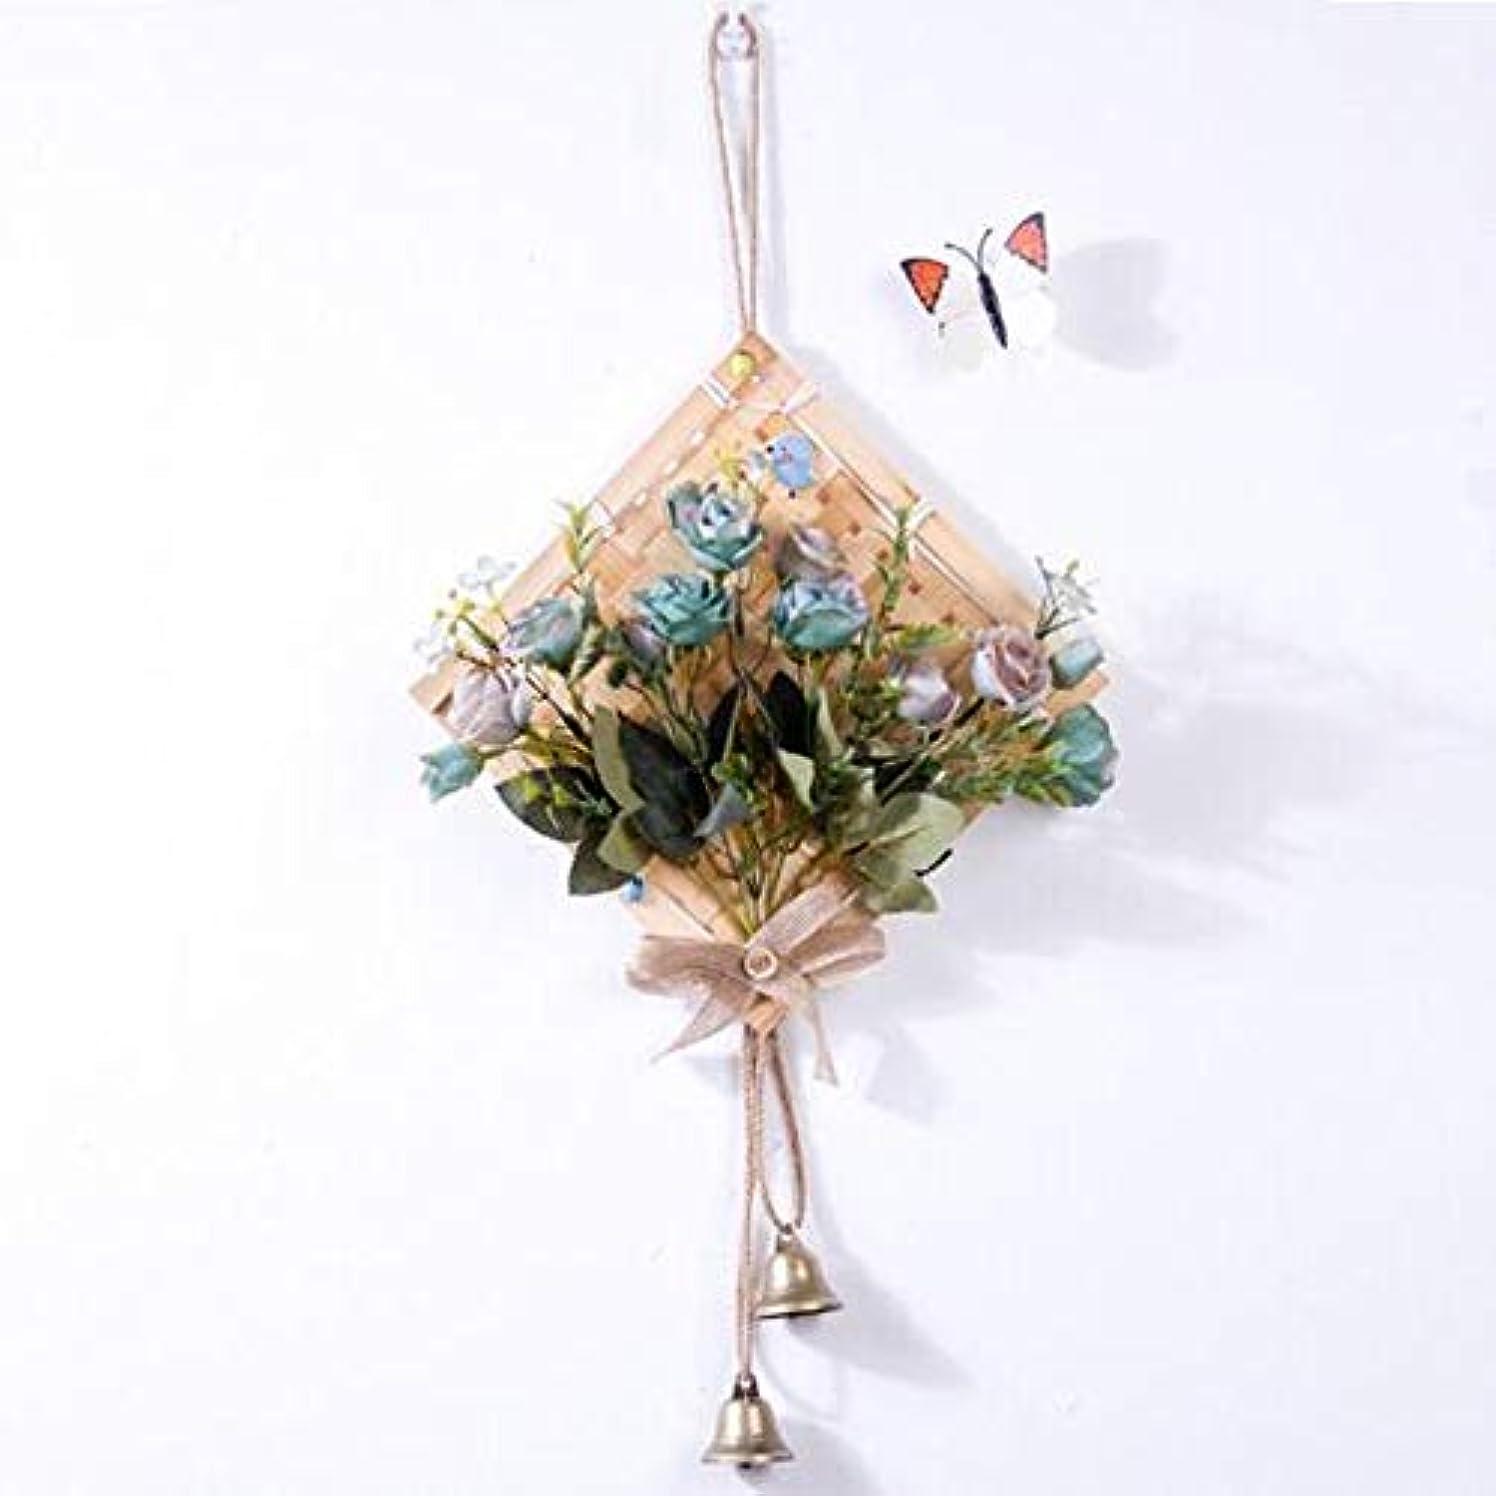 がっかりした暴露する残基Gaoxingbianlidian001 風チャイム、クリエイティブ?竹風チャイム、白、幅28.5cmくらい,楽しいホリデーギフト (Color : Blue)